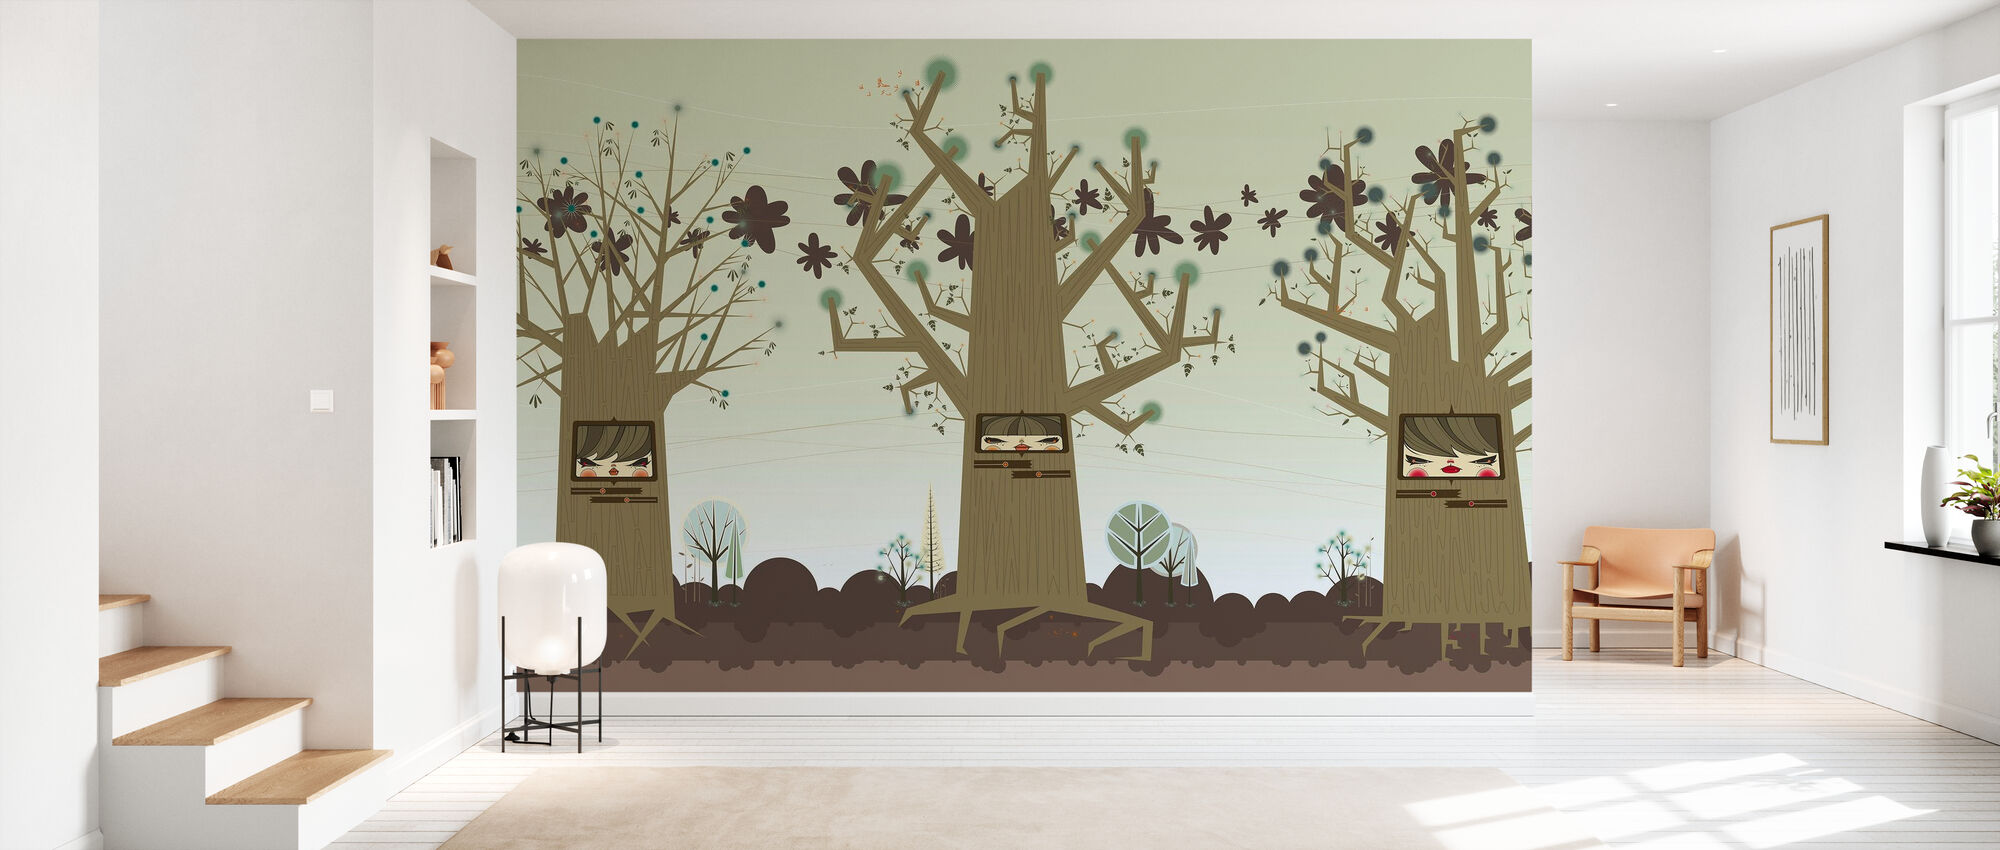 Daytime - Wallpaper - Hallway